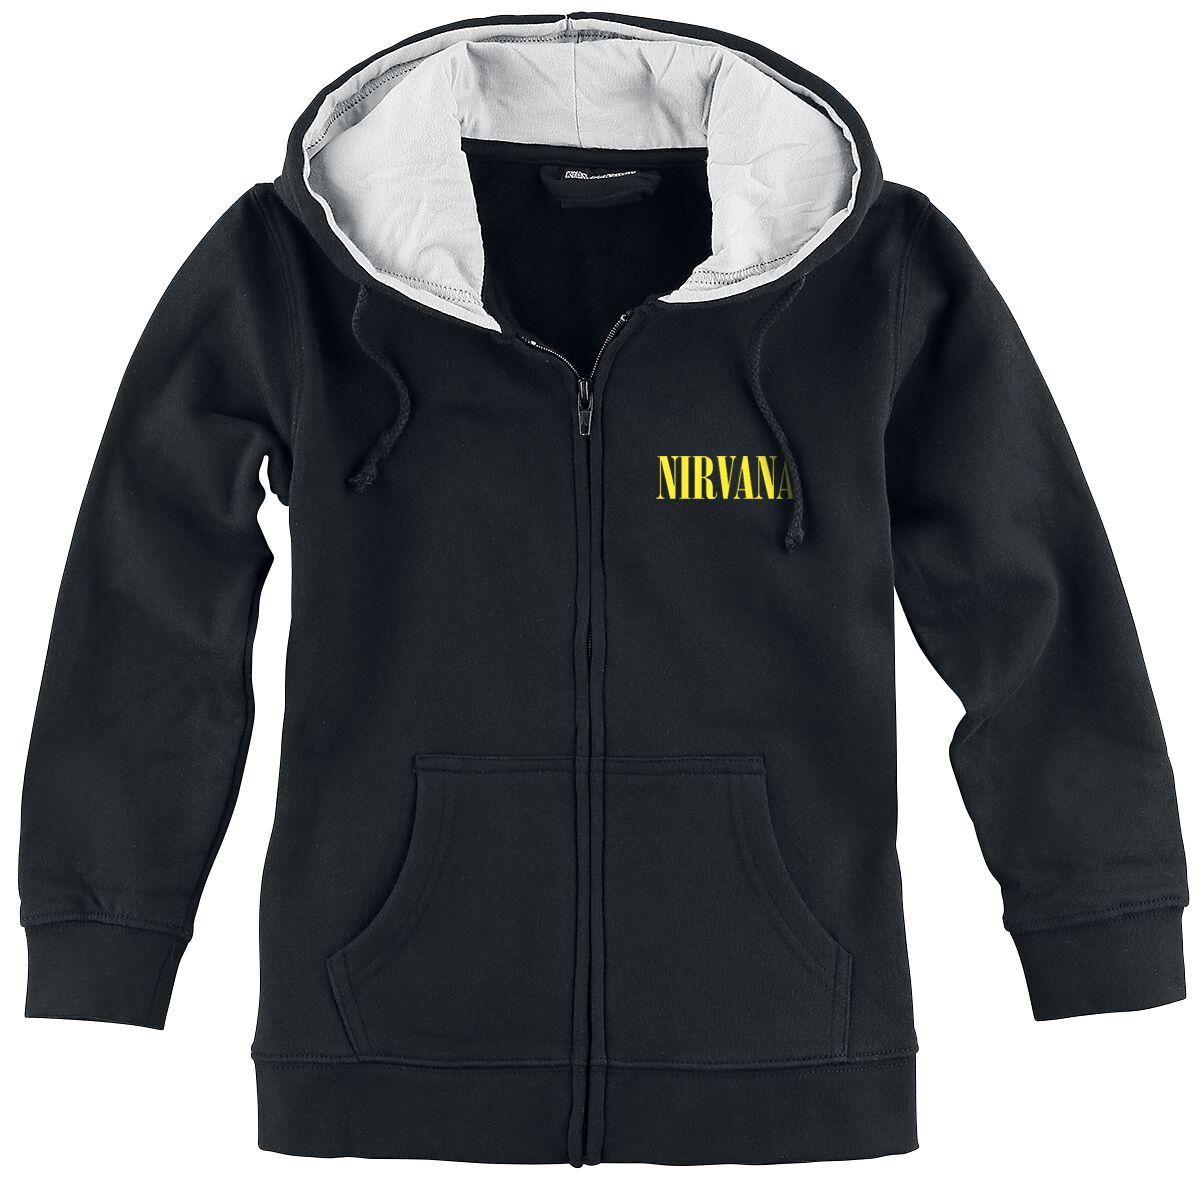 Zespoły - Odzież dziecięca i niemowlęca - Bluza z kapturem dziecięca - rozpinana Nirvana Smiley Bluza z kapturem dziecięca - rozpinana czarny - 354182